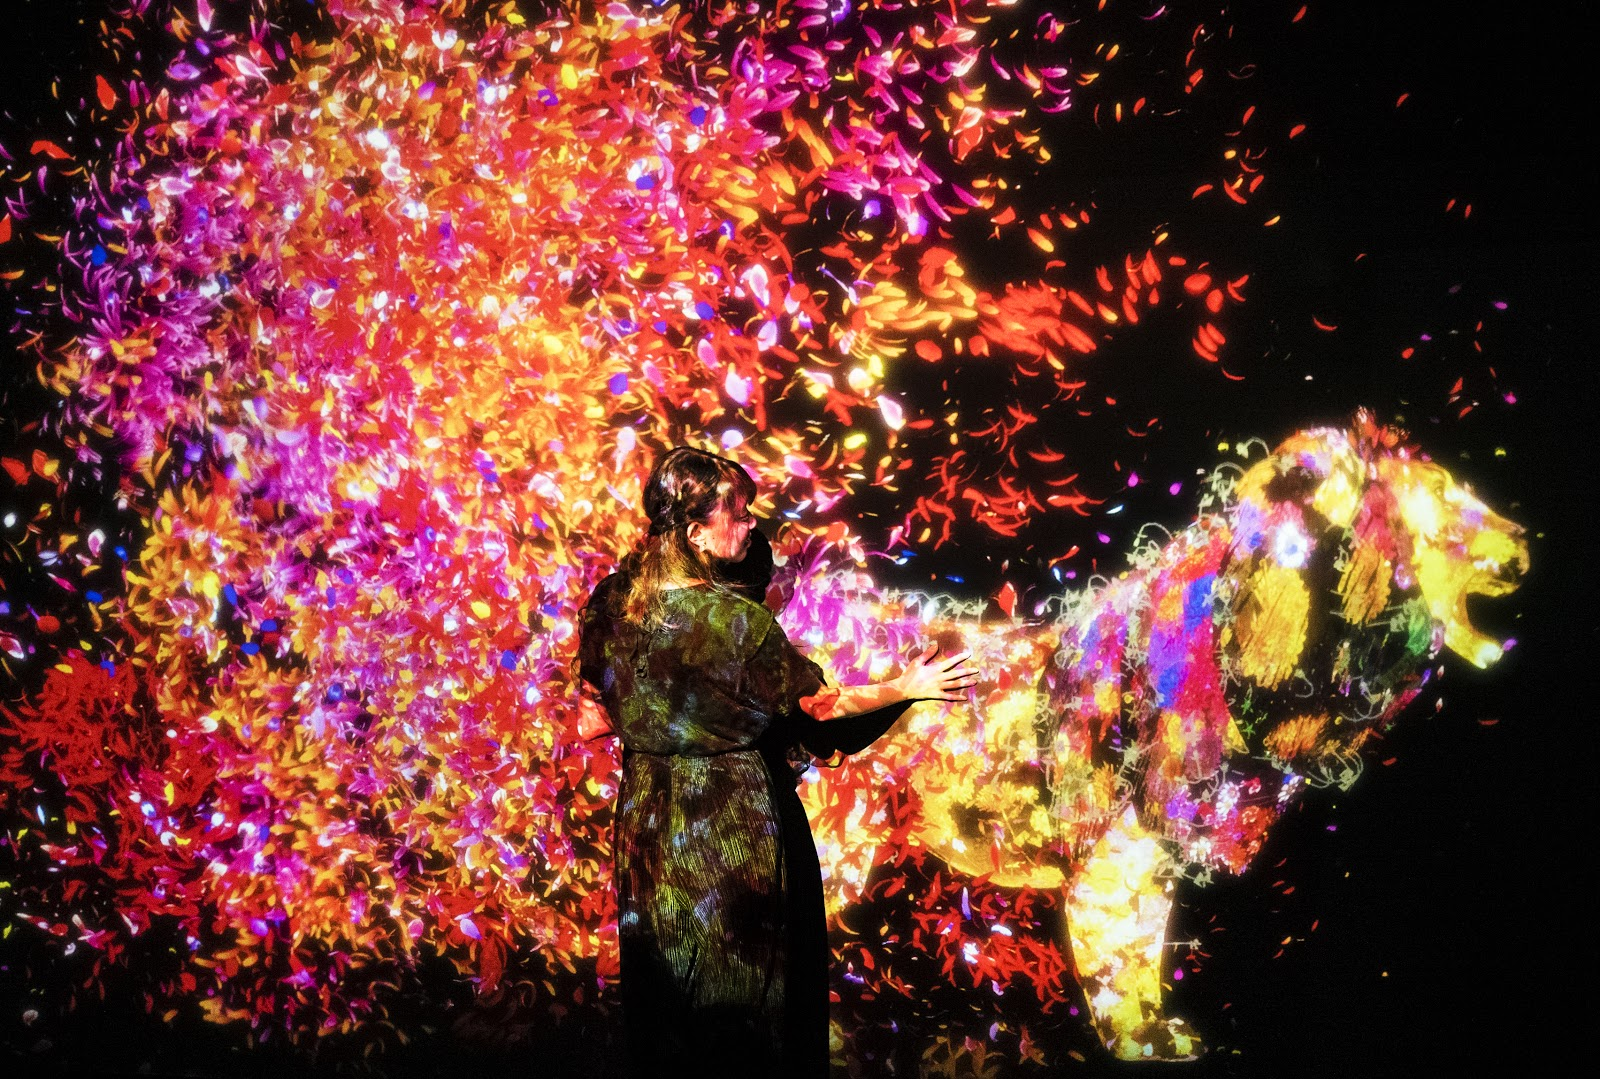 『チームラボ 学ぶ!未来の遊園地と、花と共に生きる動物達』名古屋市科学館